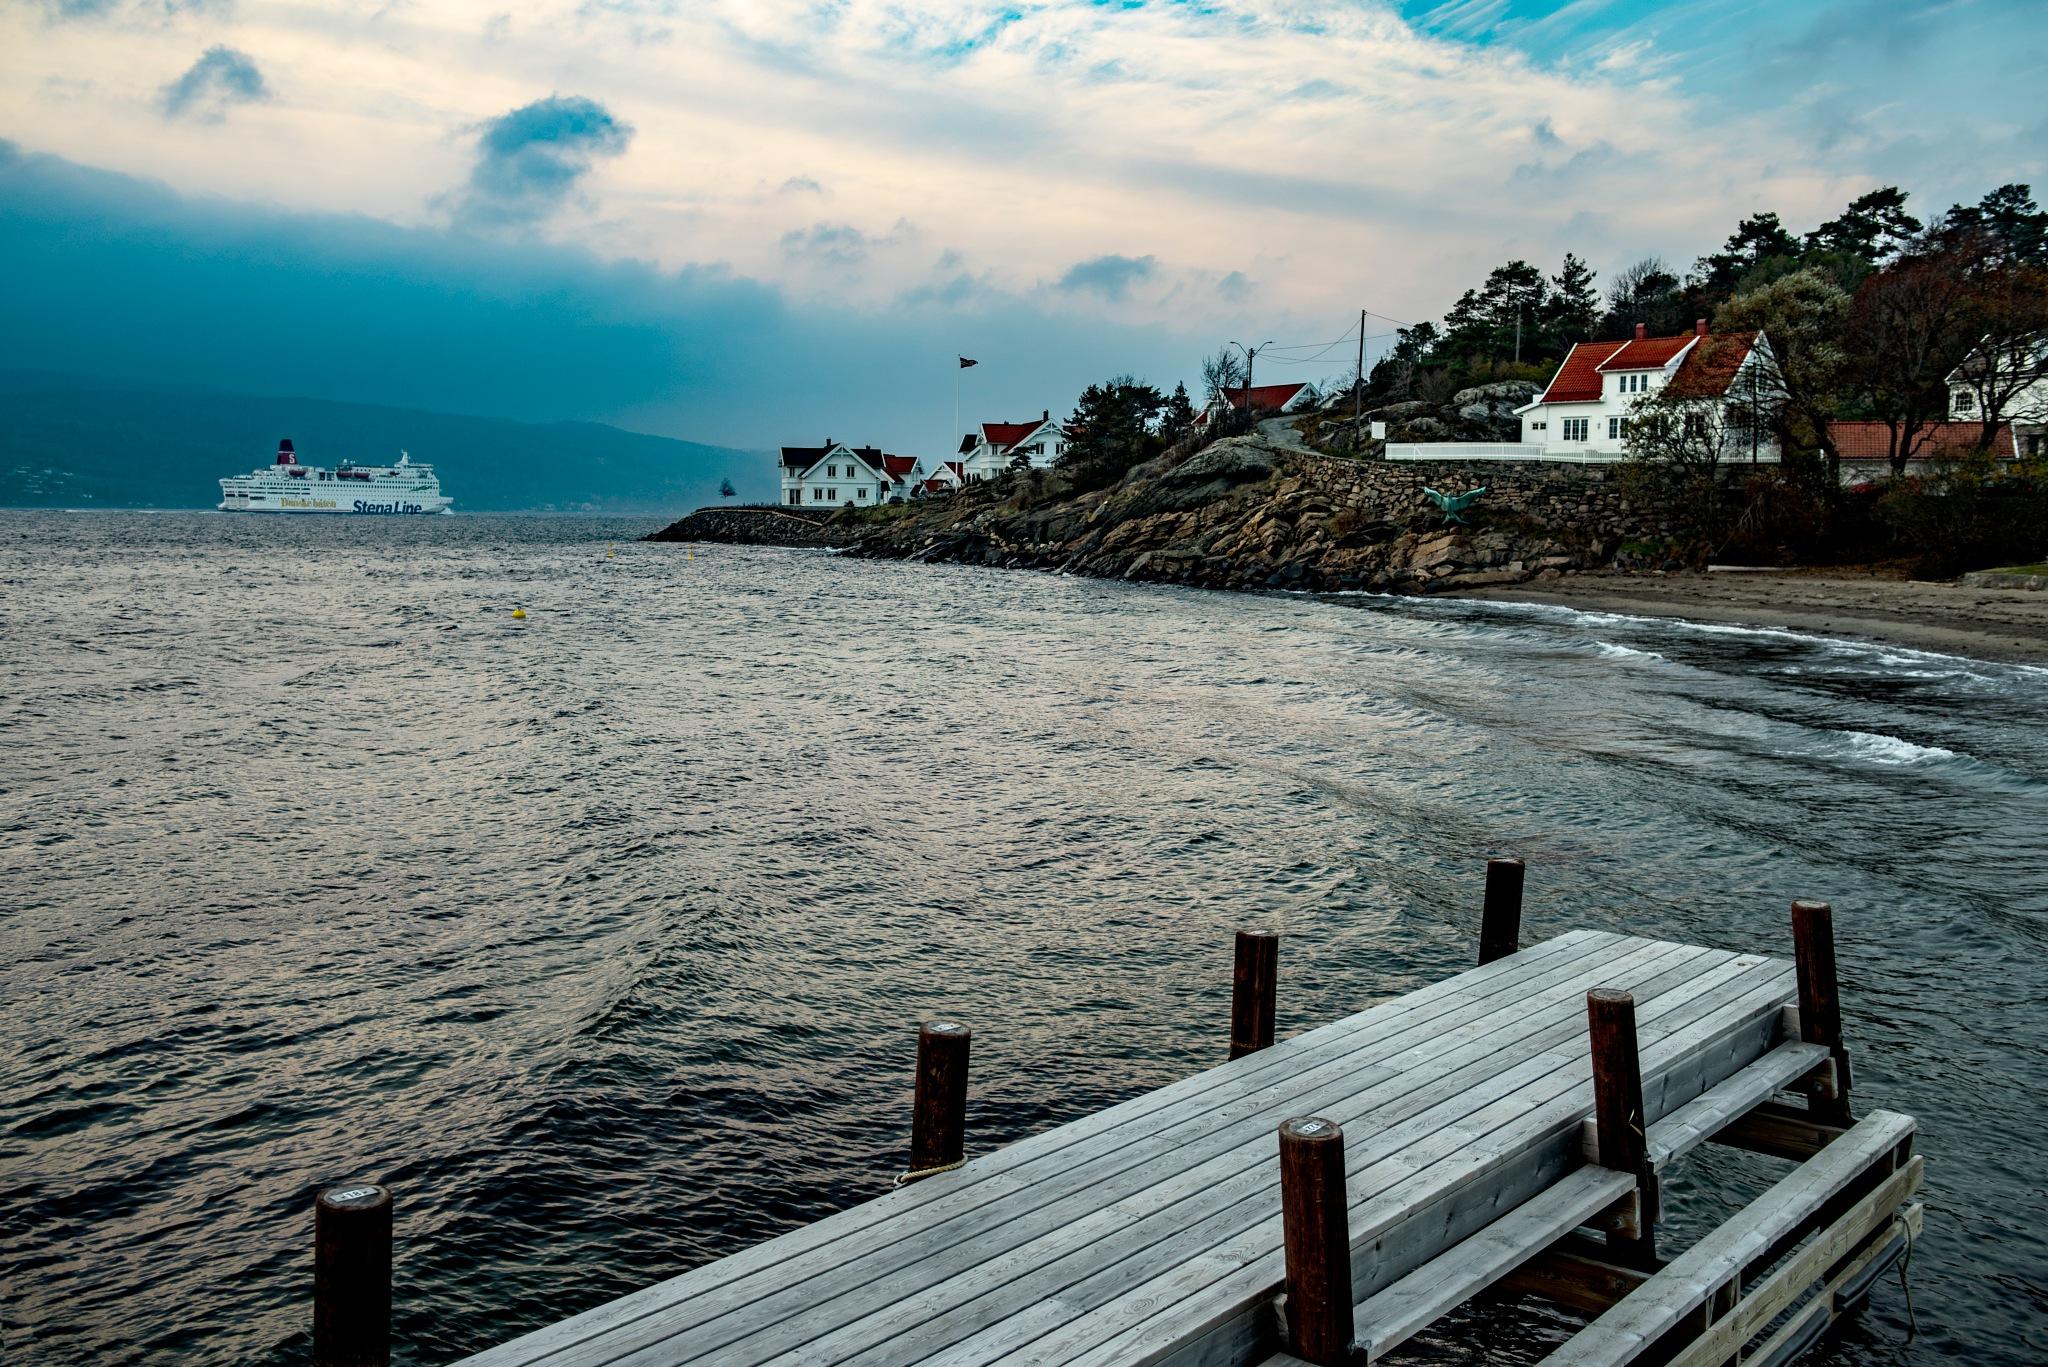 Oslo fjord & Indian Summer by Goran Jorganovich